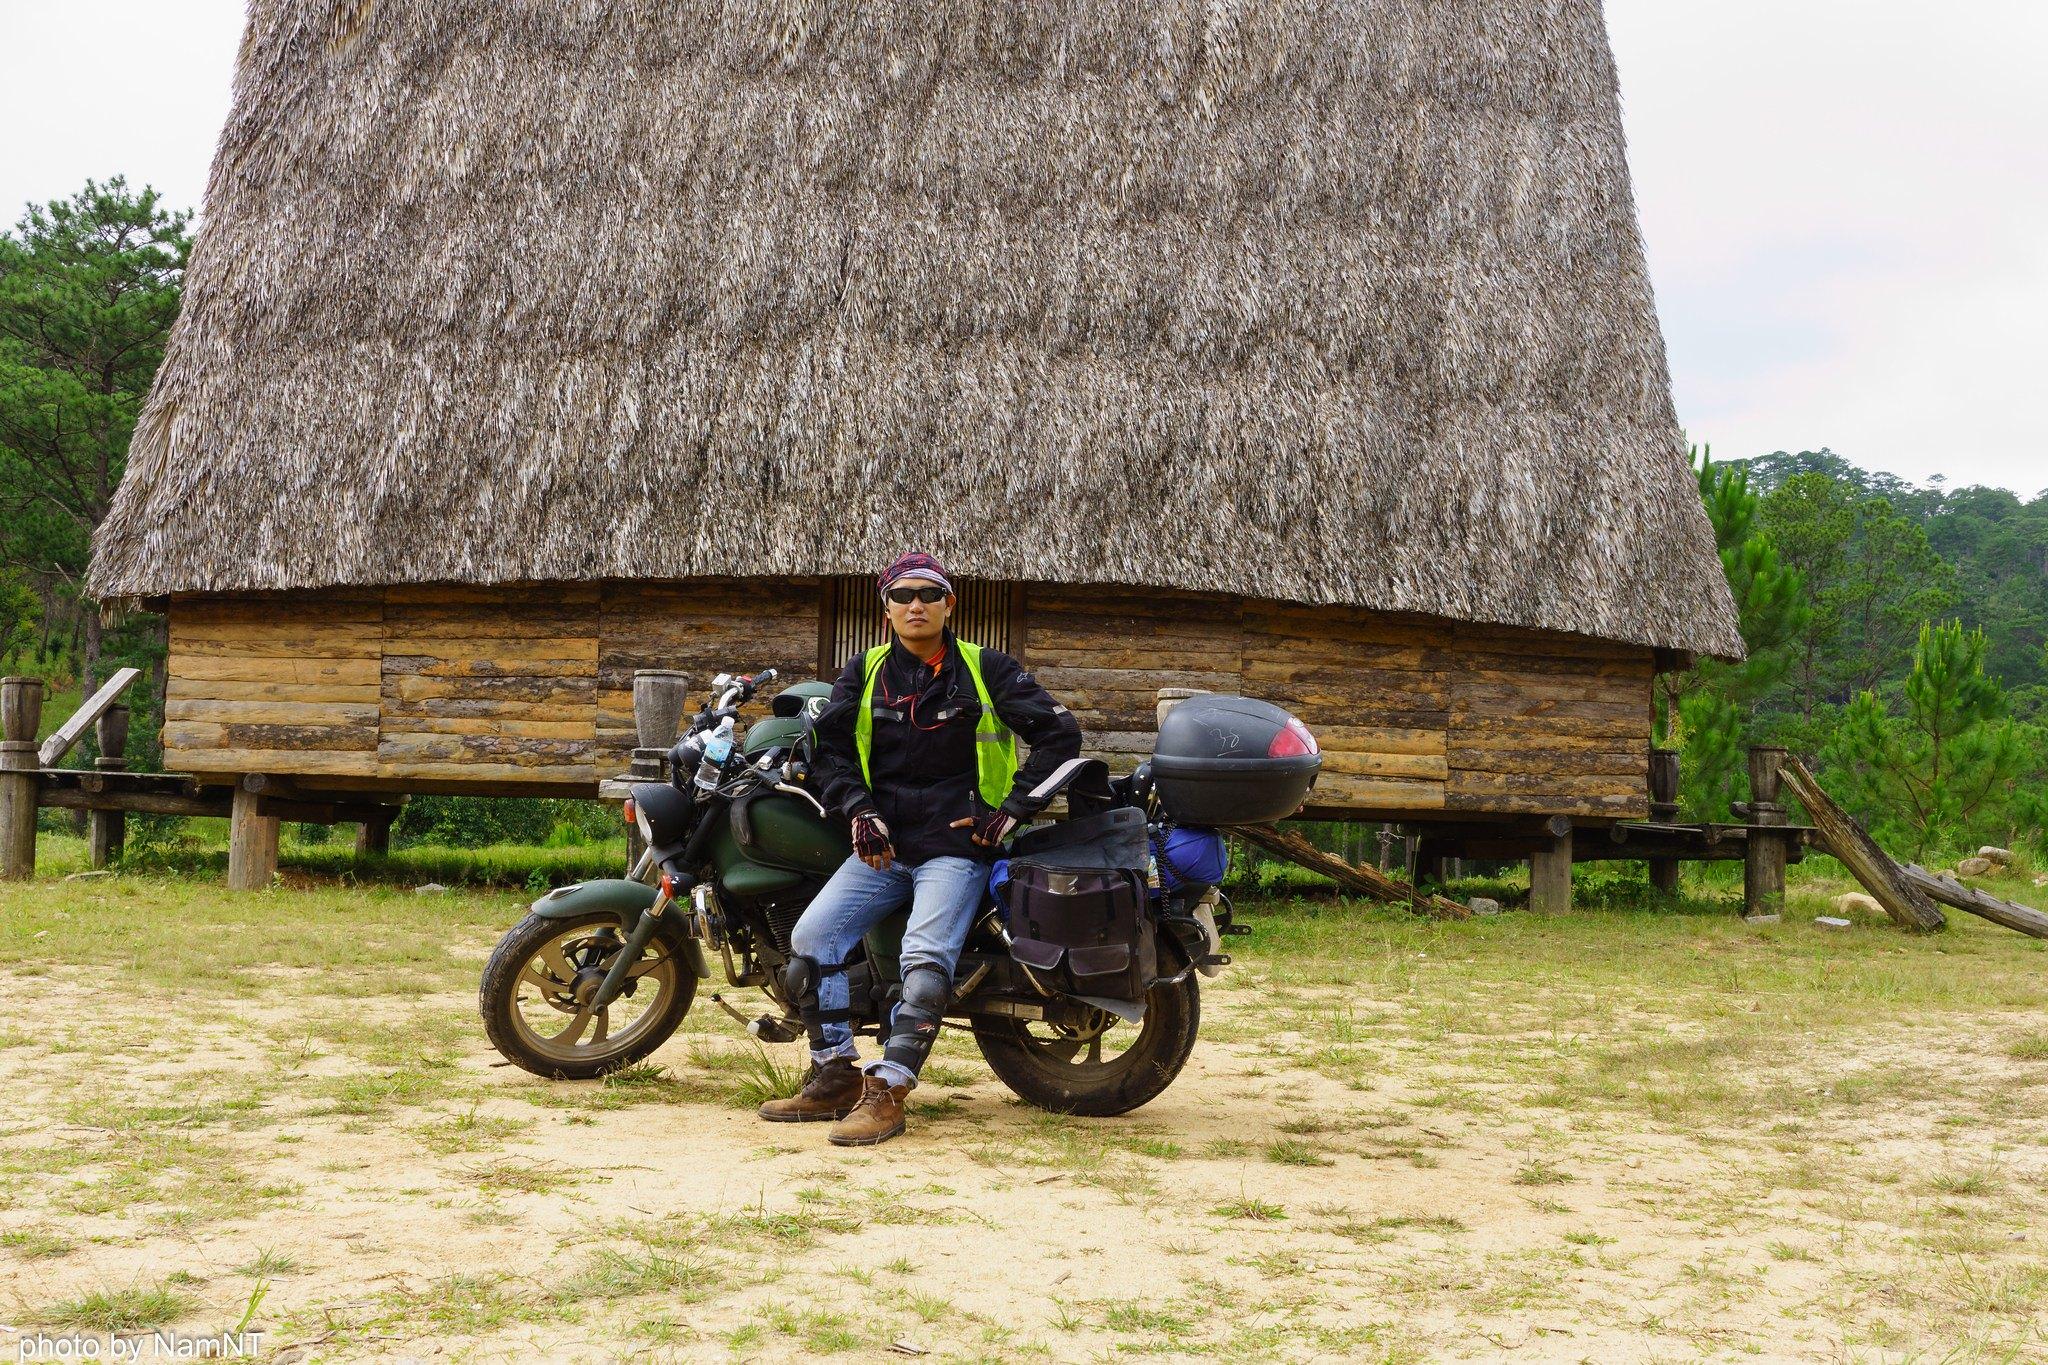 18924702764 d19604d6c6 k - [Phượt] - SG-Cổ Thạch- Nha Trang- Đà Lạt: ngàn dặm mua hạt é cho người thương